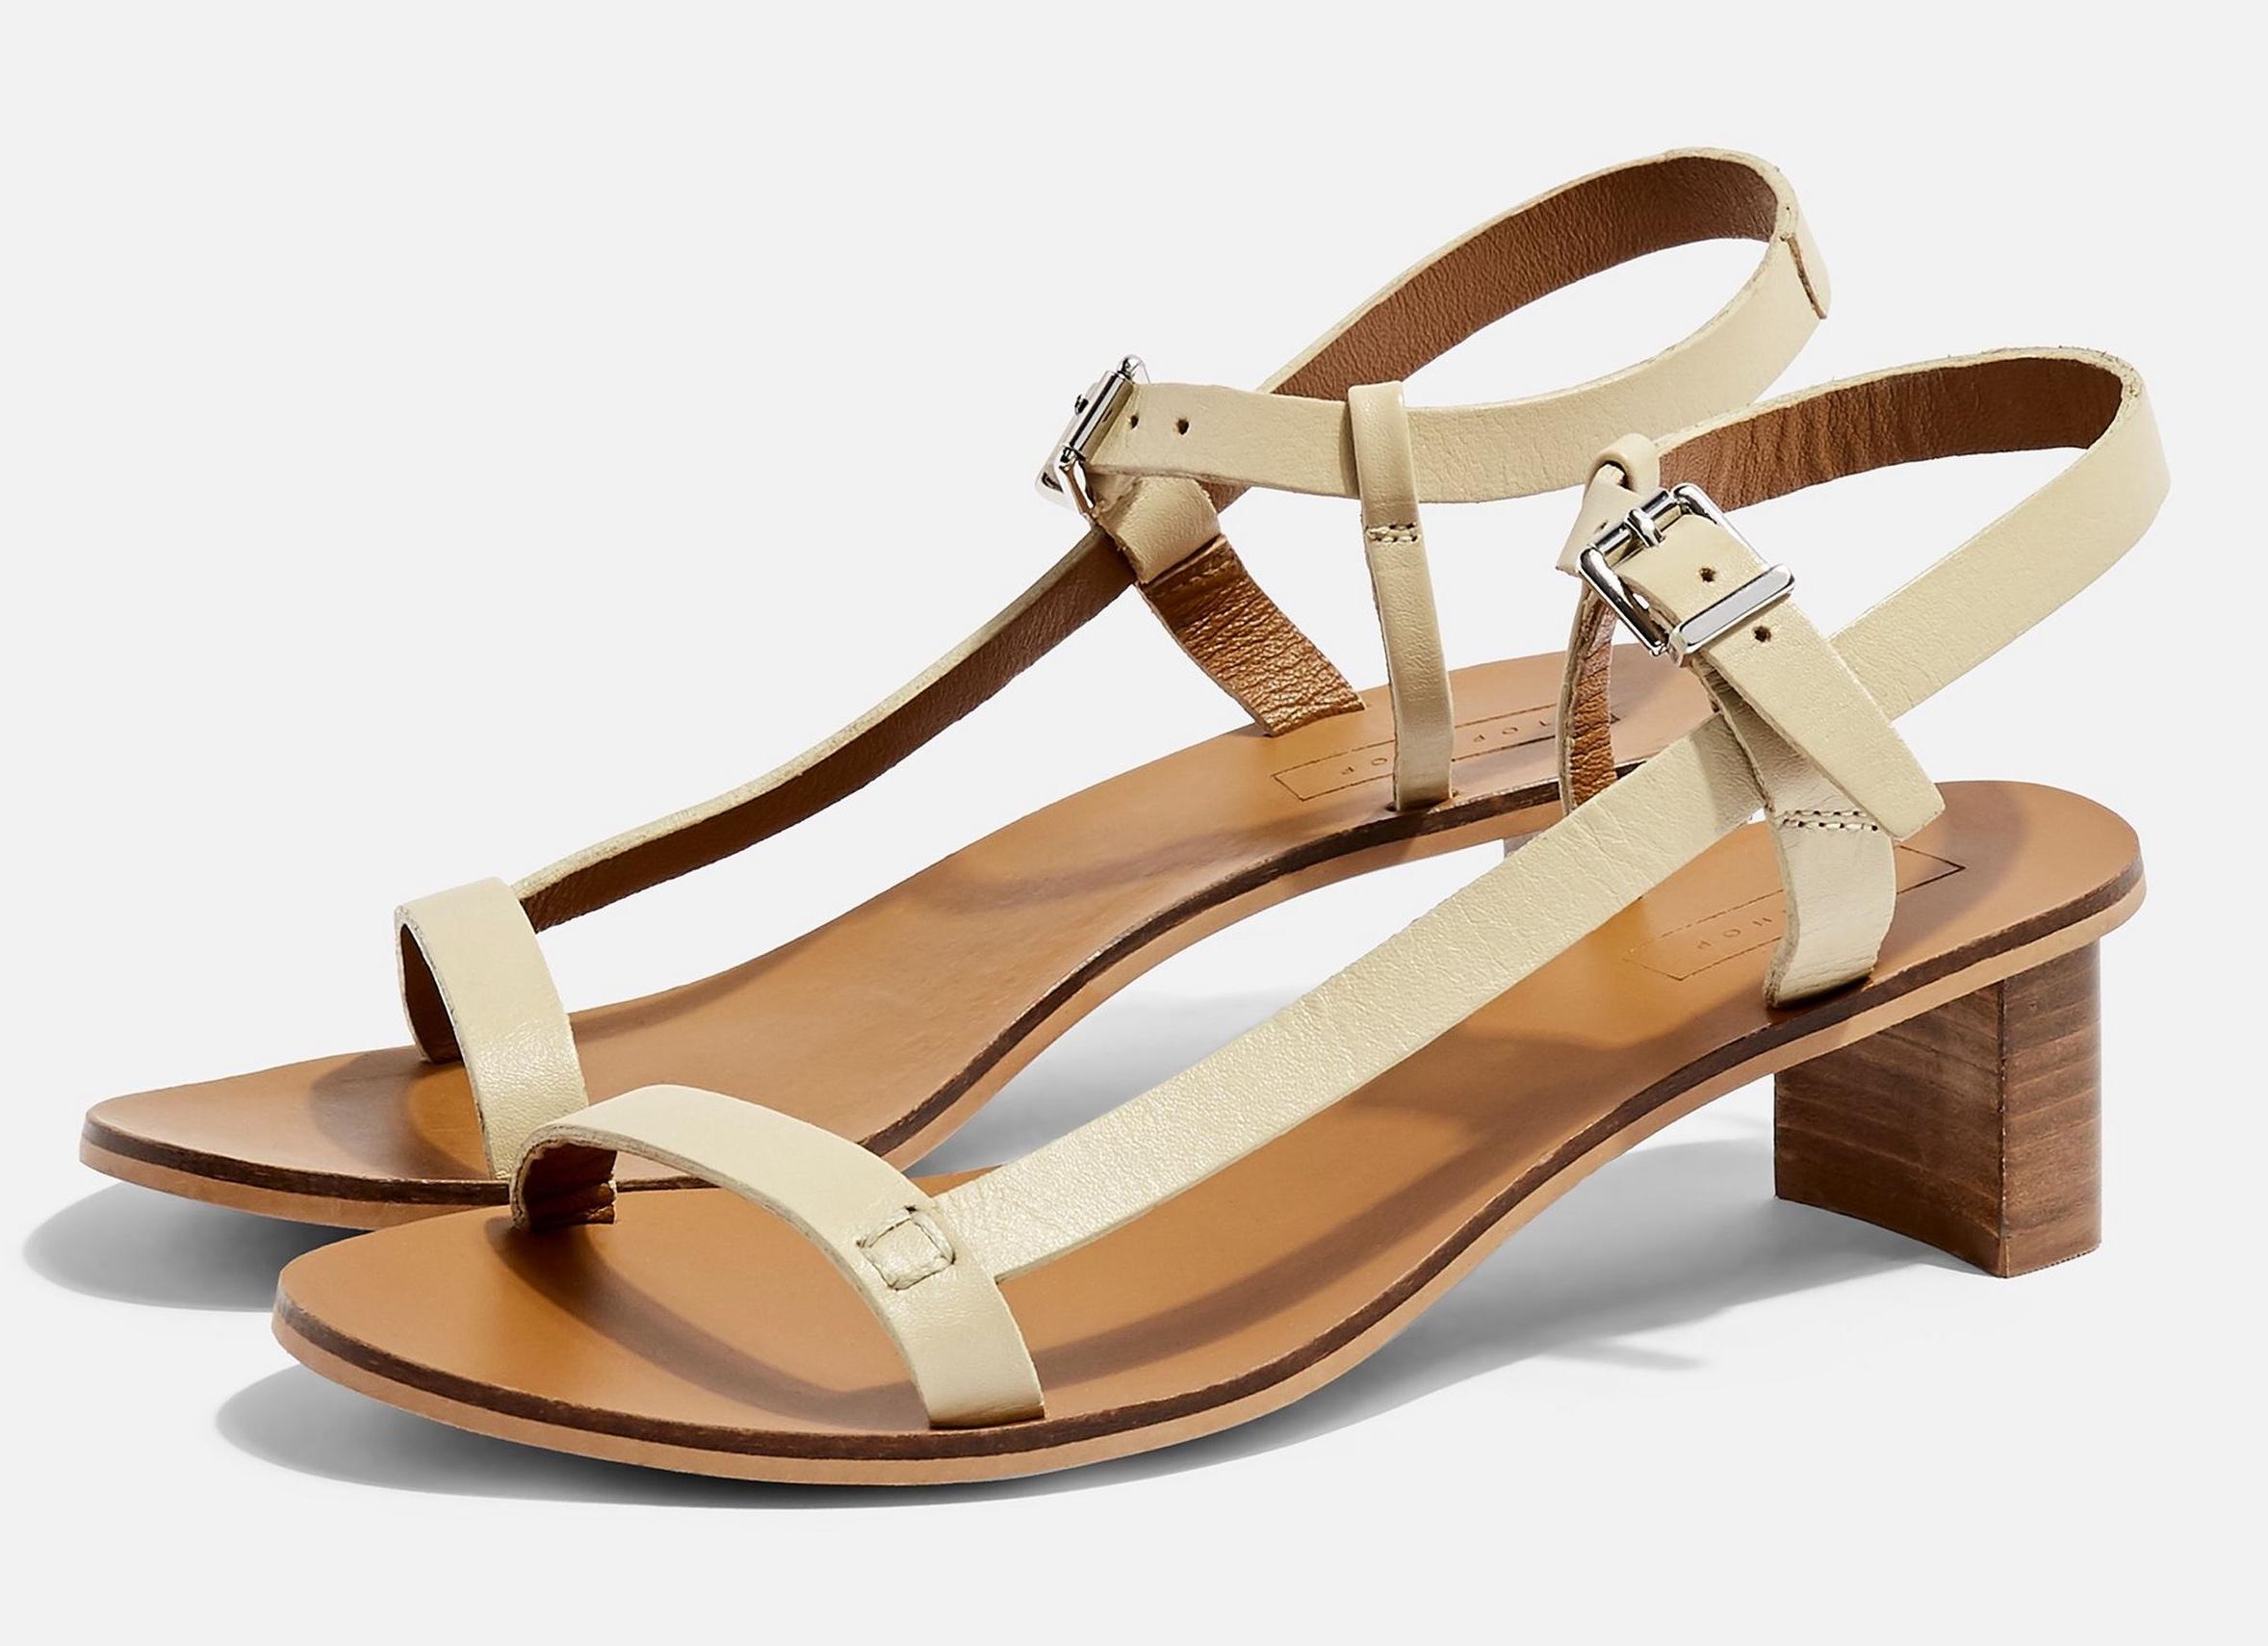 topshop-venus sandals